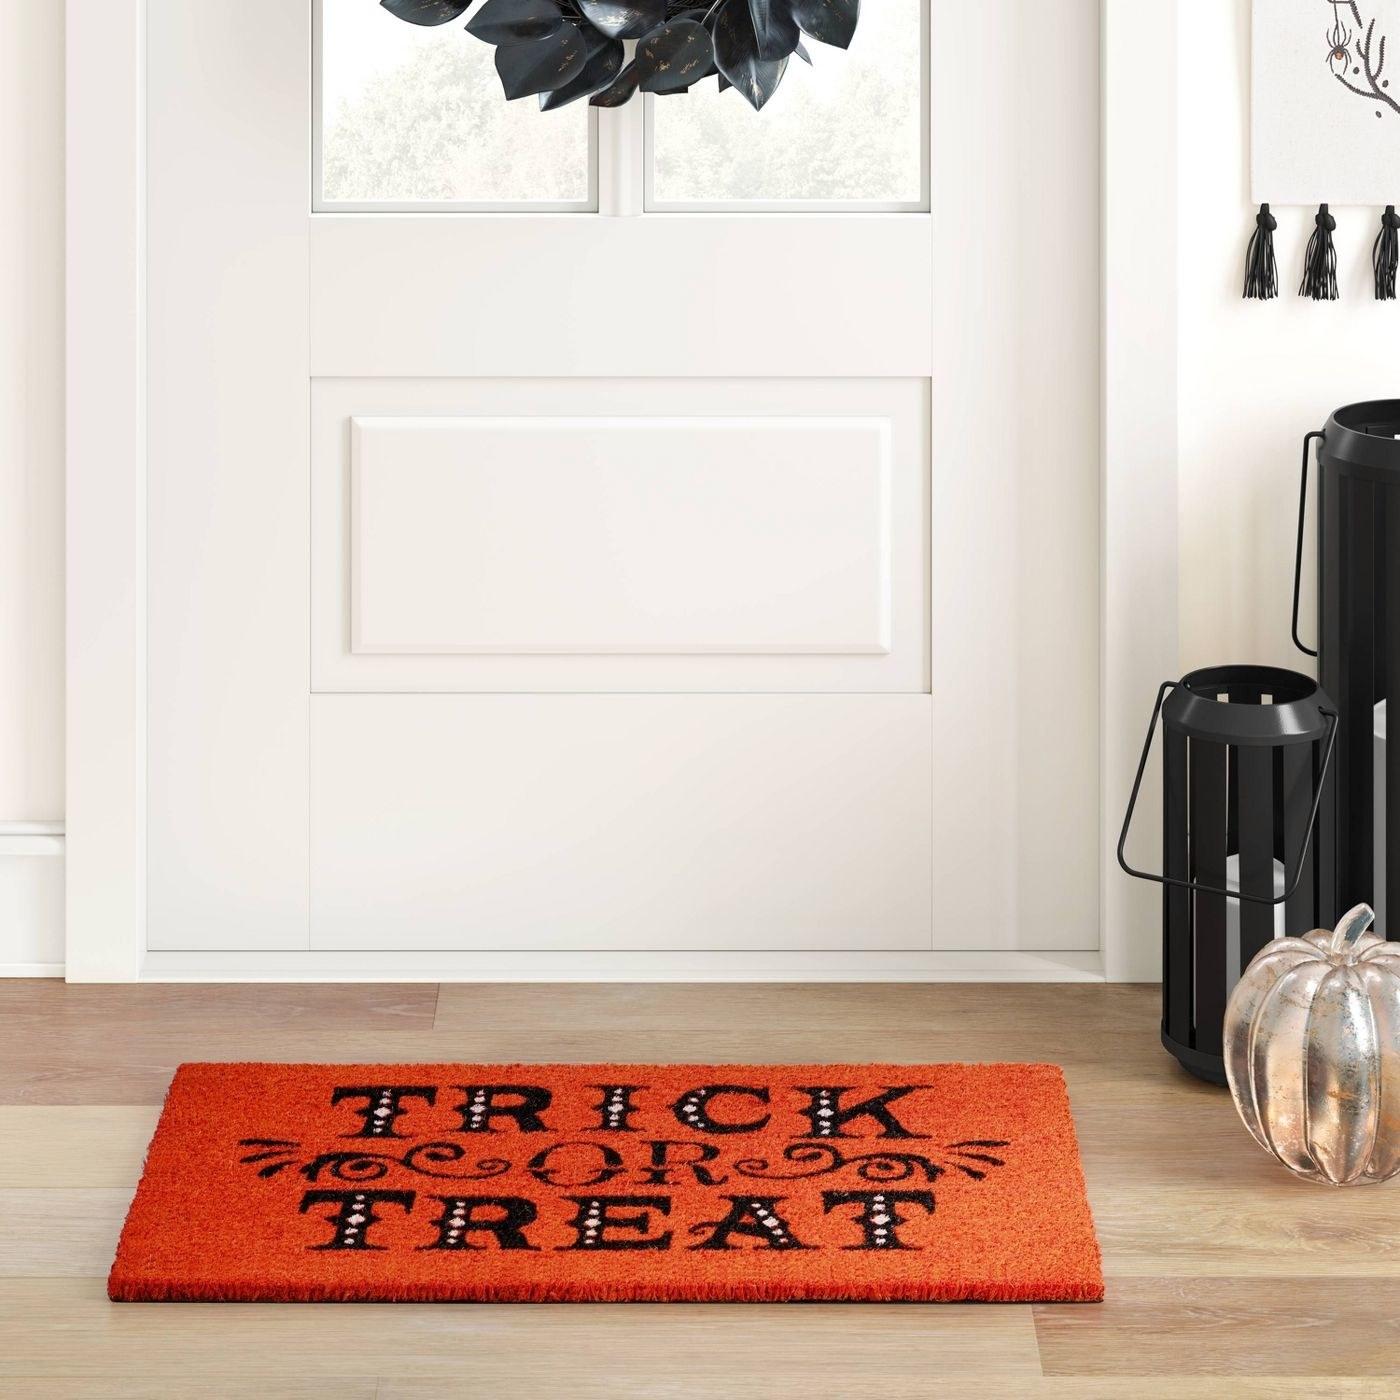 A trick or treat doormat